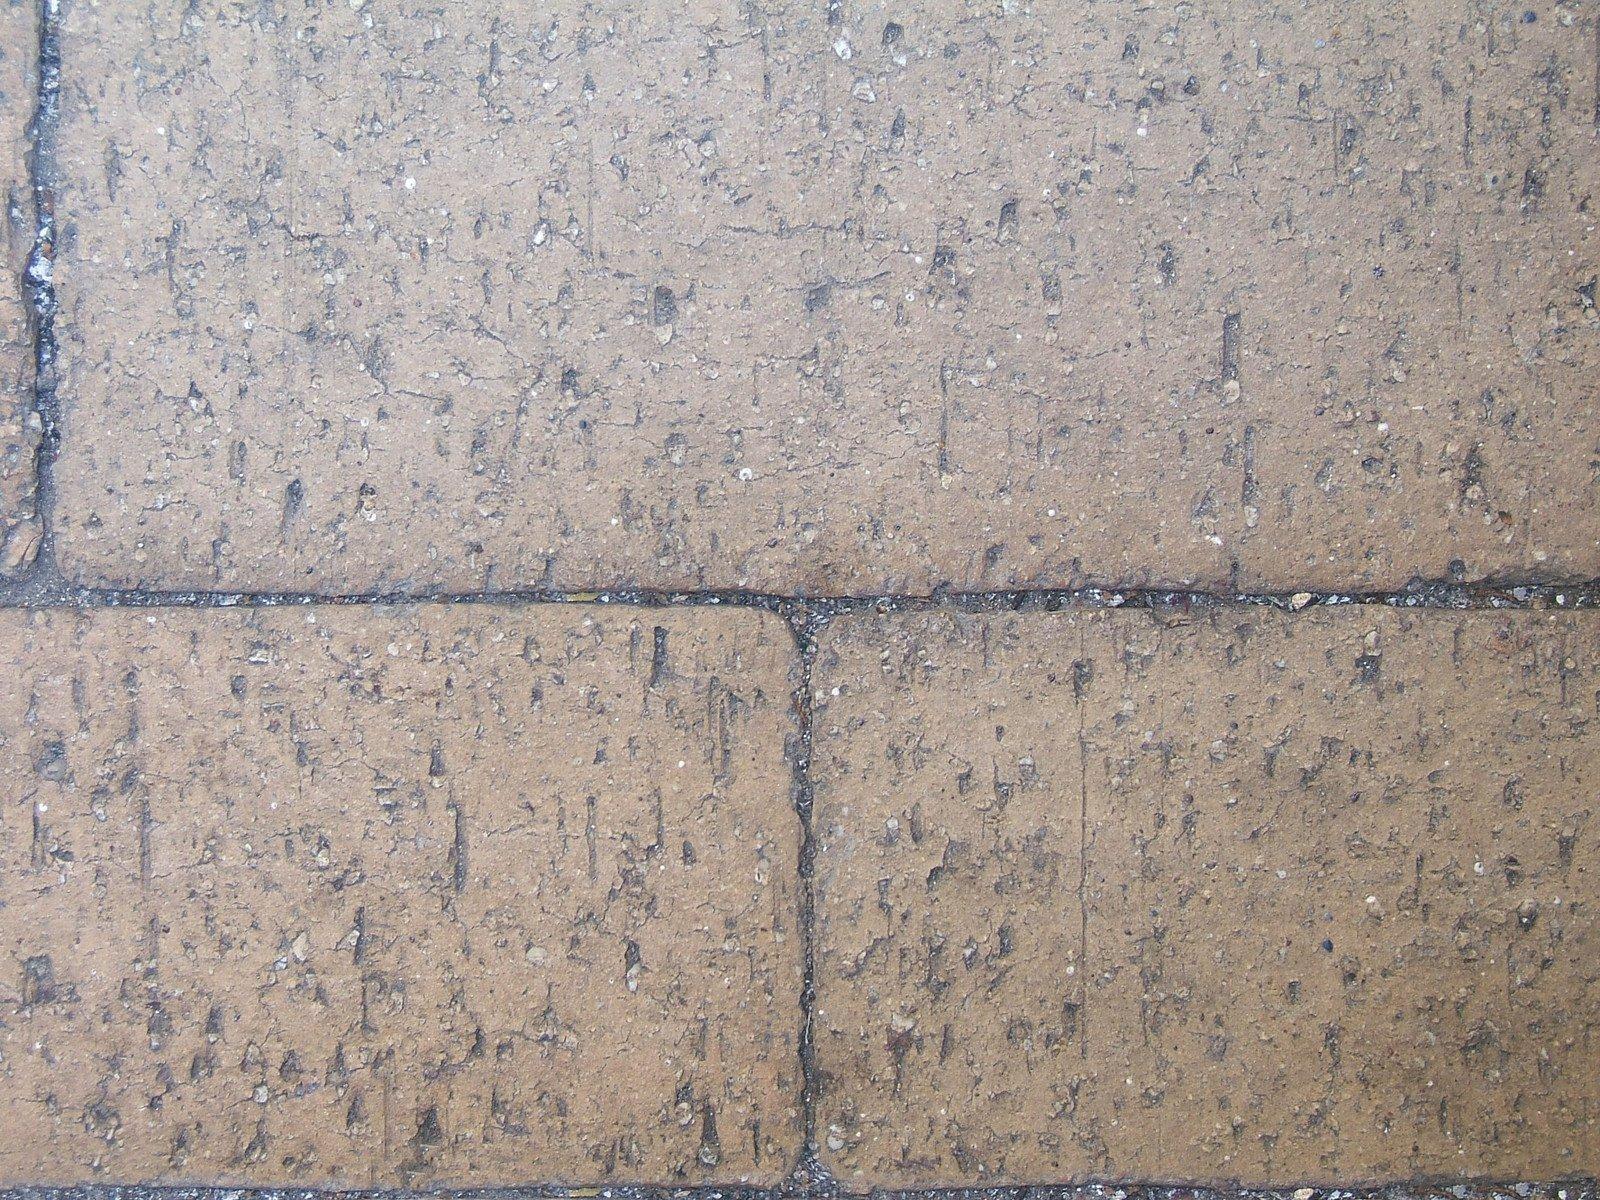 Tegels Met Patroon : Free tegel patroon stock photo freeimages